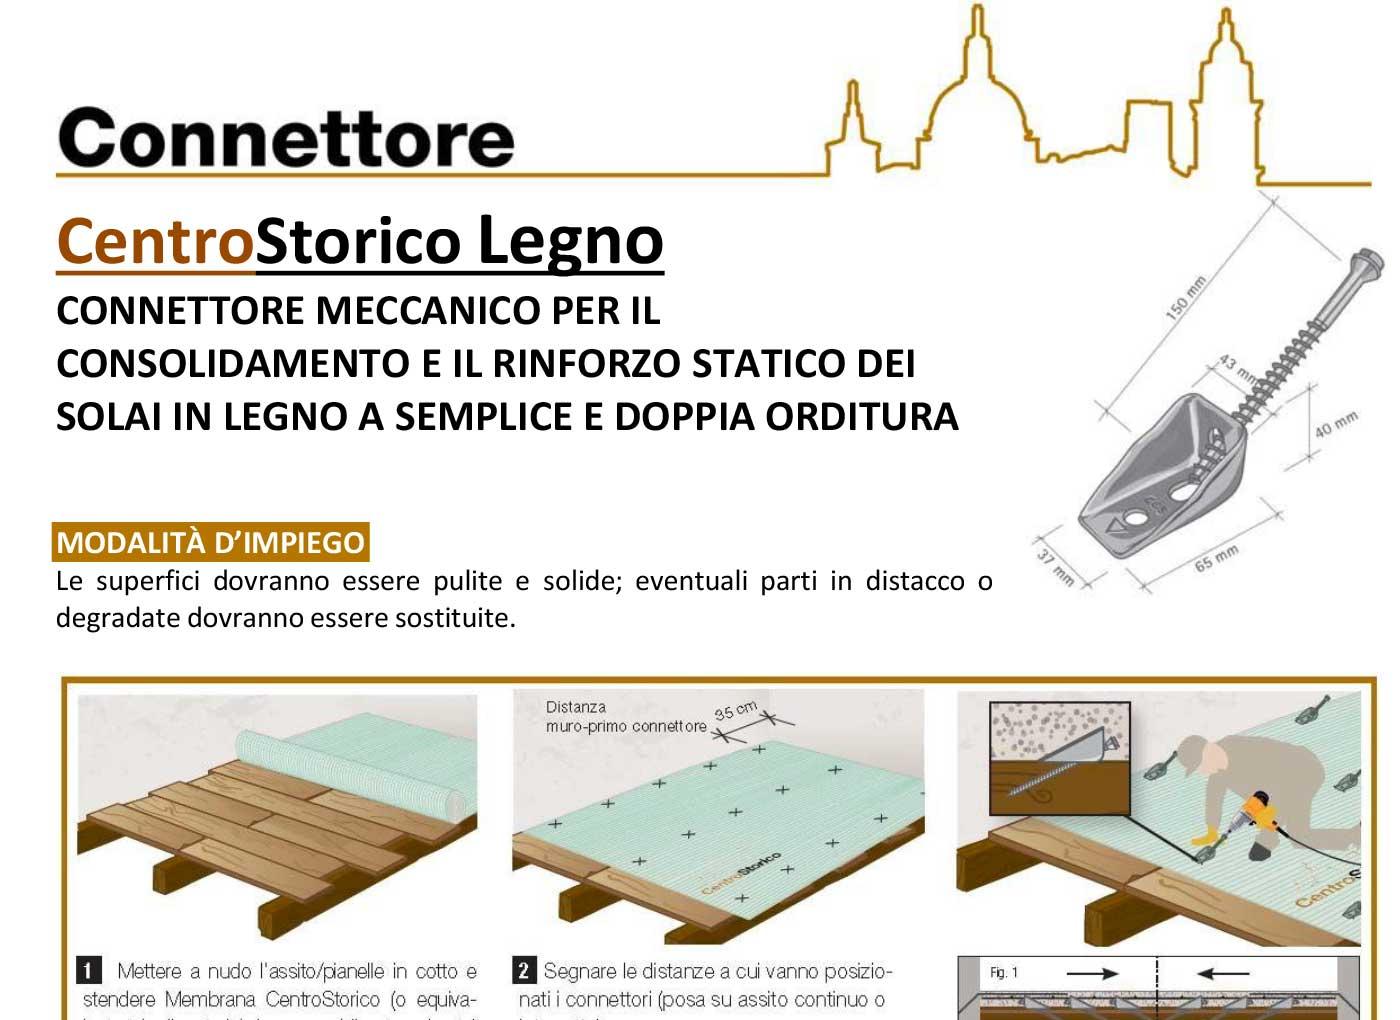 scheda-tecnica-connettore-centrostorico-legno